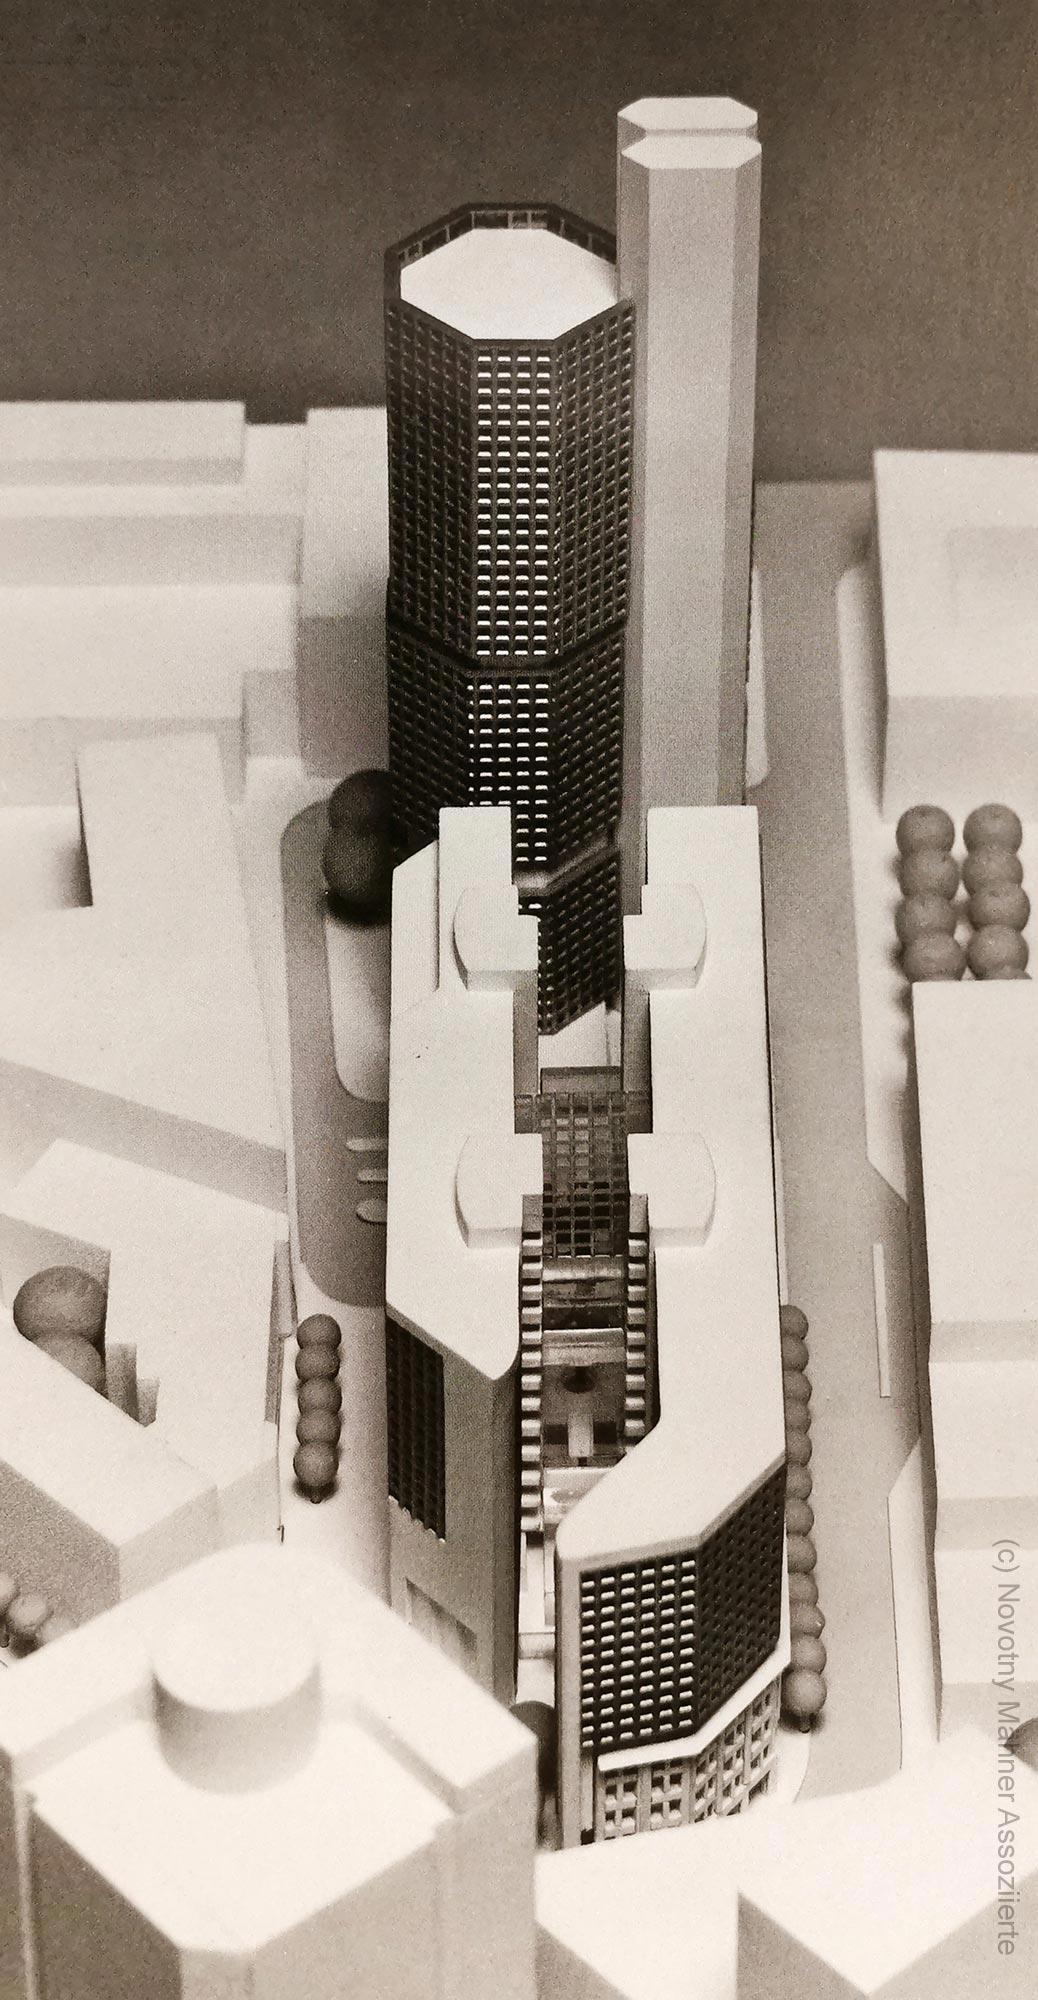 Nicht gebautes Helaba Hochhaus Neue Mainzer Strasse von N+M Architekten Offenbach - vorgelegt circa 1985